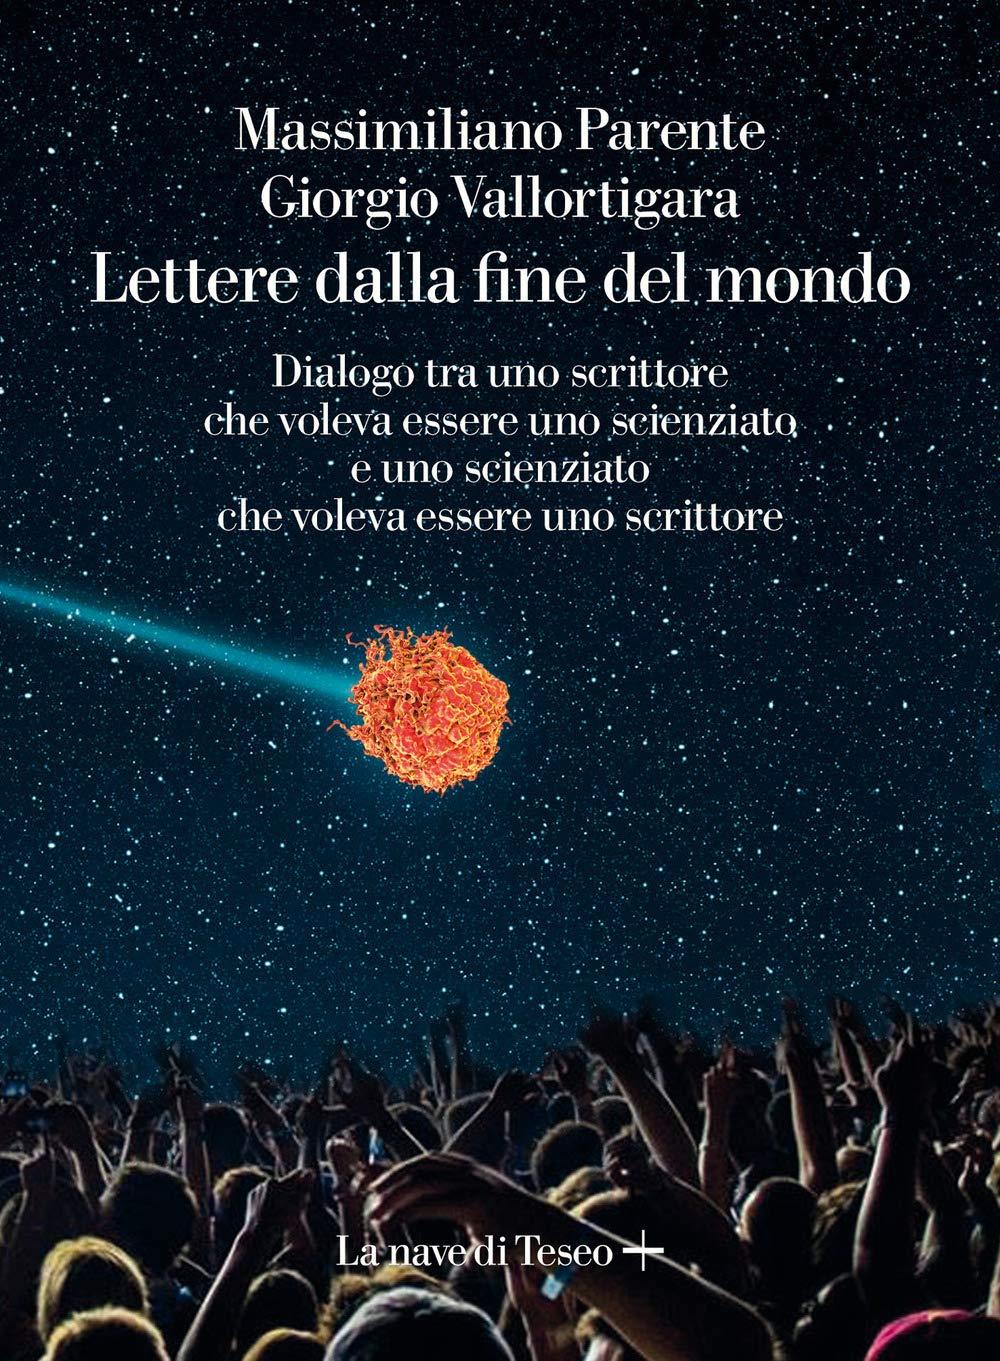 Recensione di Lettere Dalla Fine Del Mondo – M. Parente – G. Vallortigara